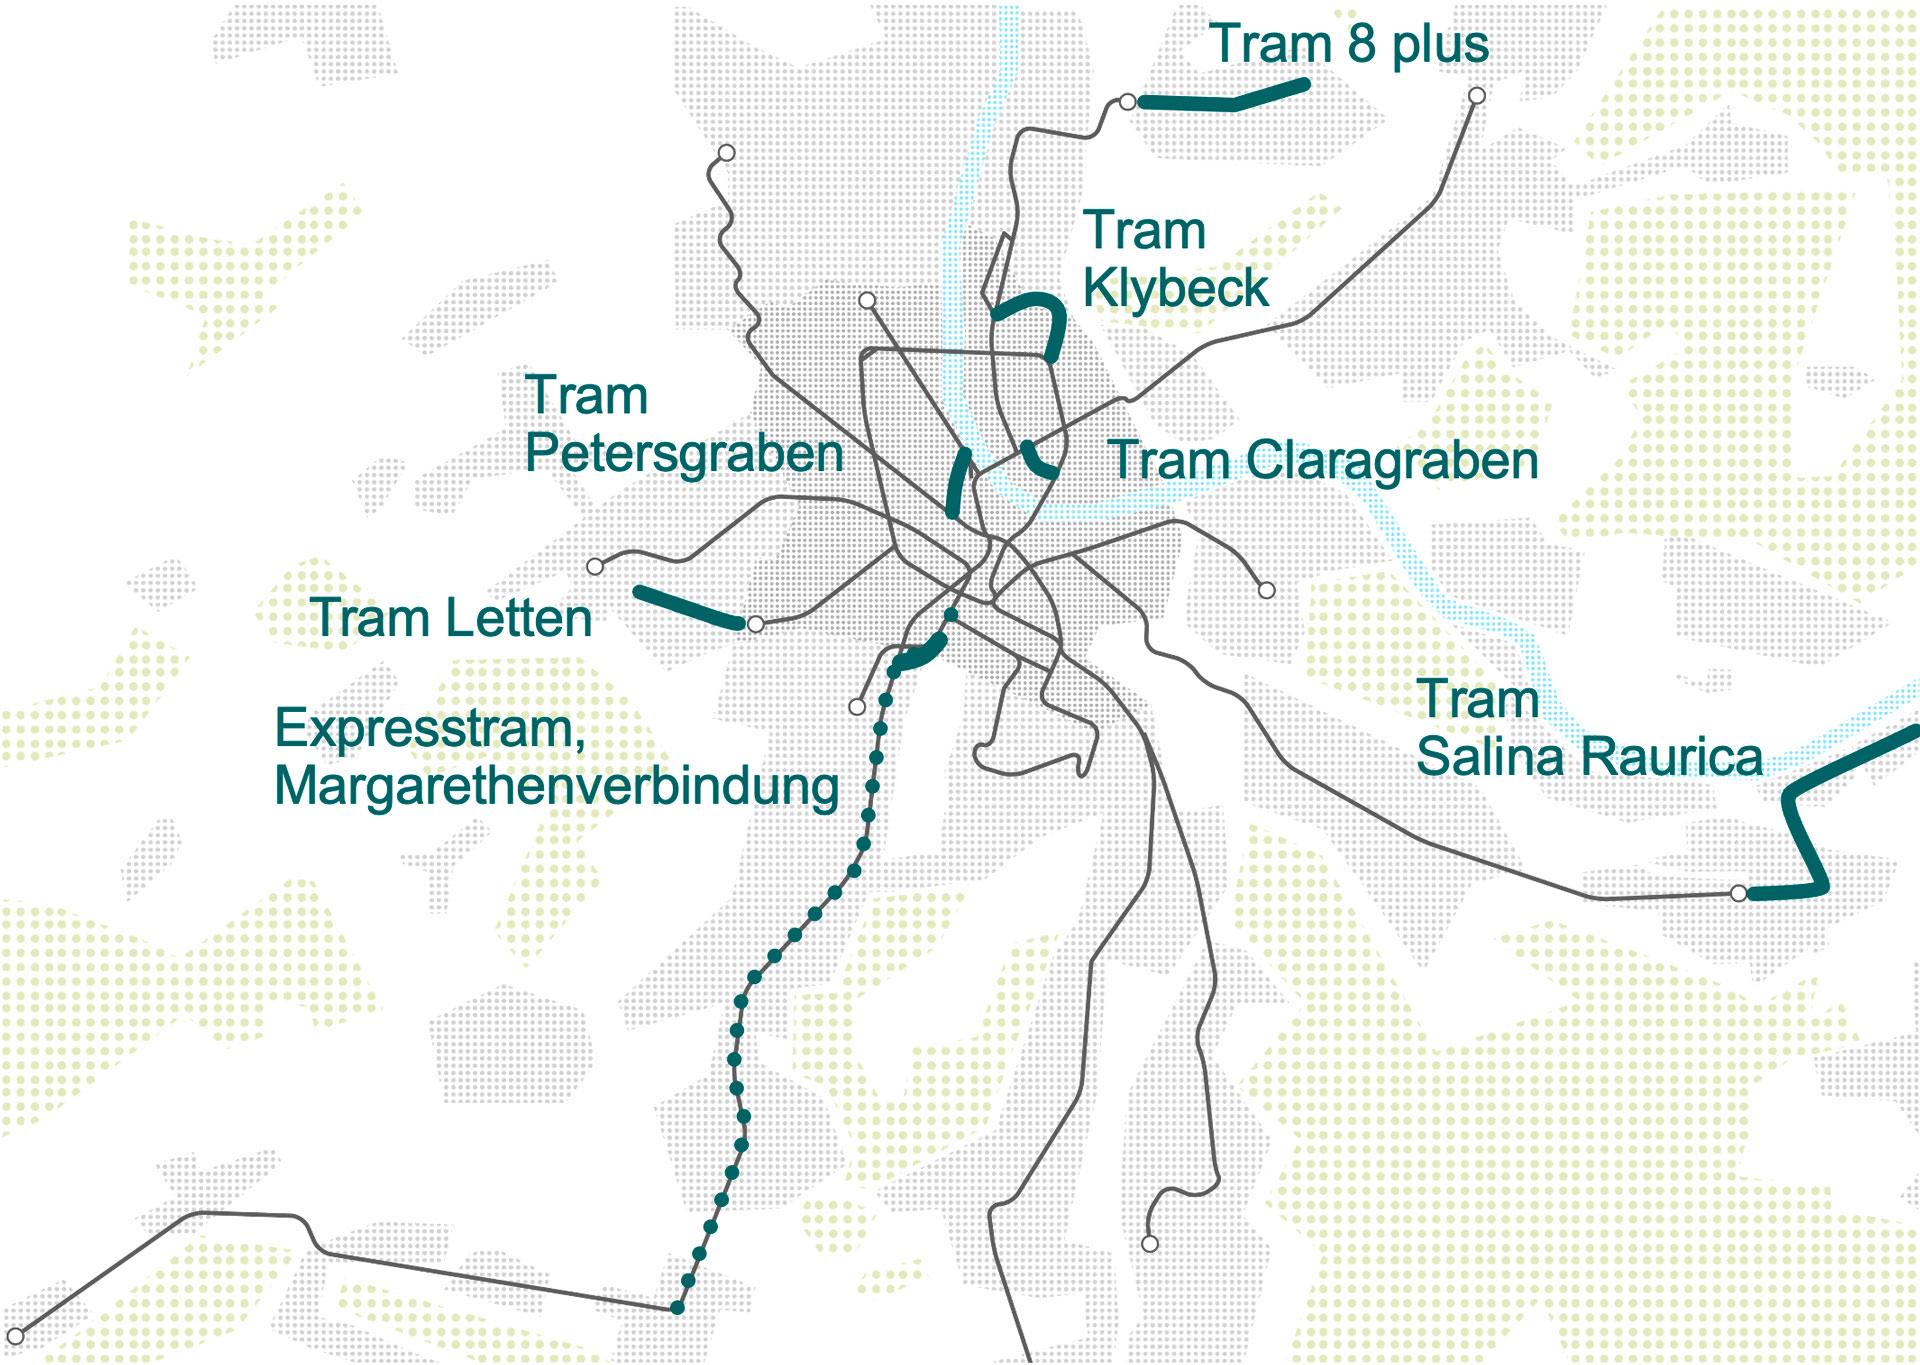 Übersicht aller neuen Tramstrecken